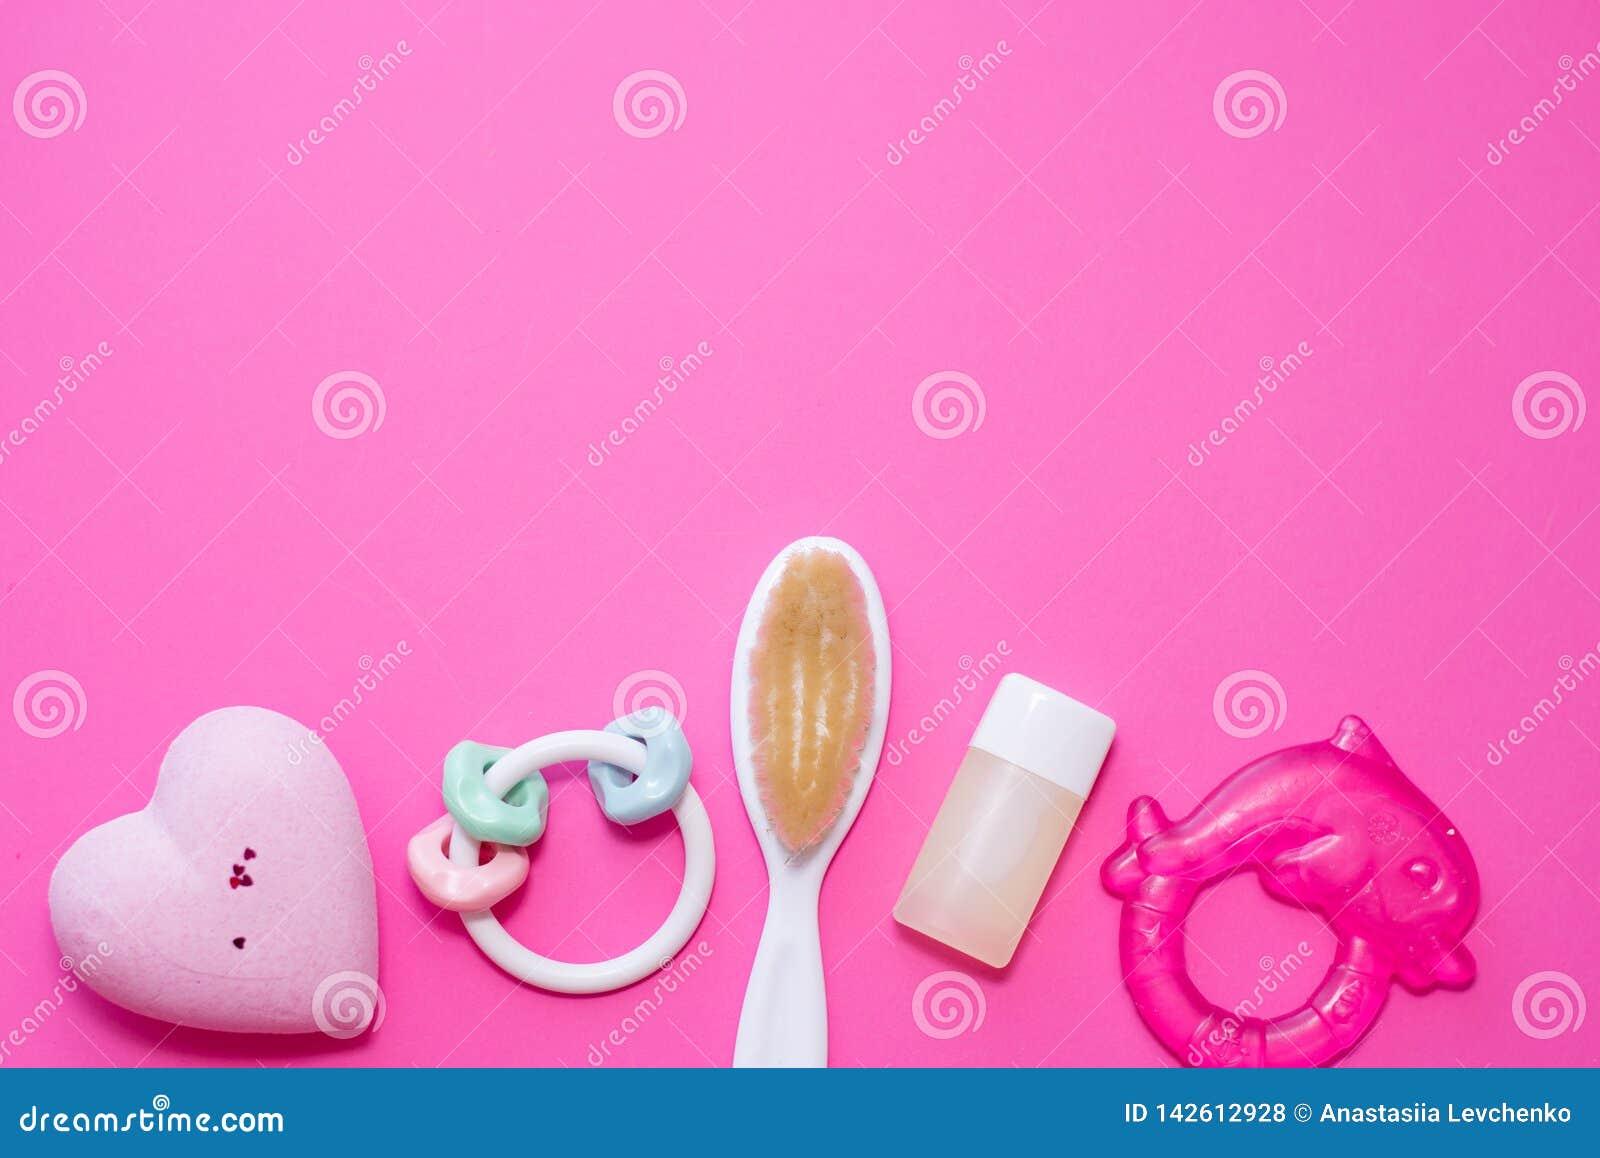 Επίπεδος βάλτε τη σύνθεση με τα εξαρτήματα μωρών και το διάστημα για το κείμενο στο ρόδινο υπόβαθρο Έννοια SPA